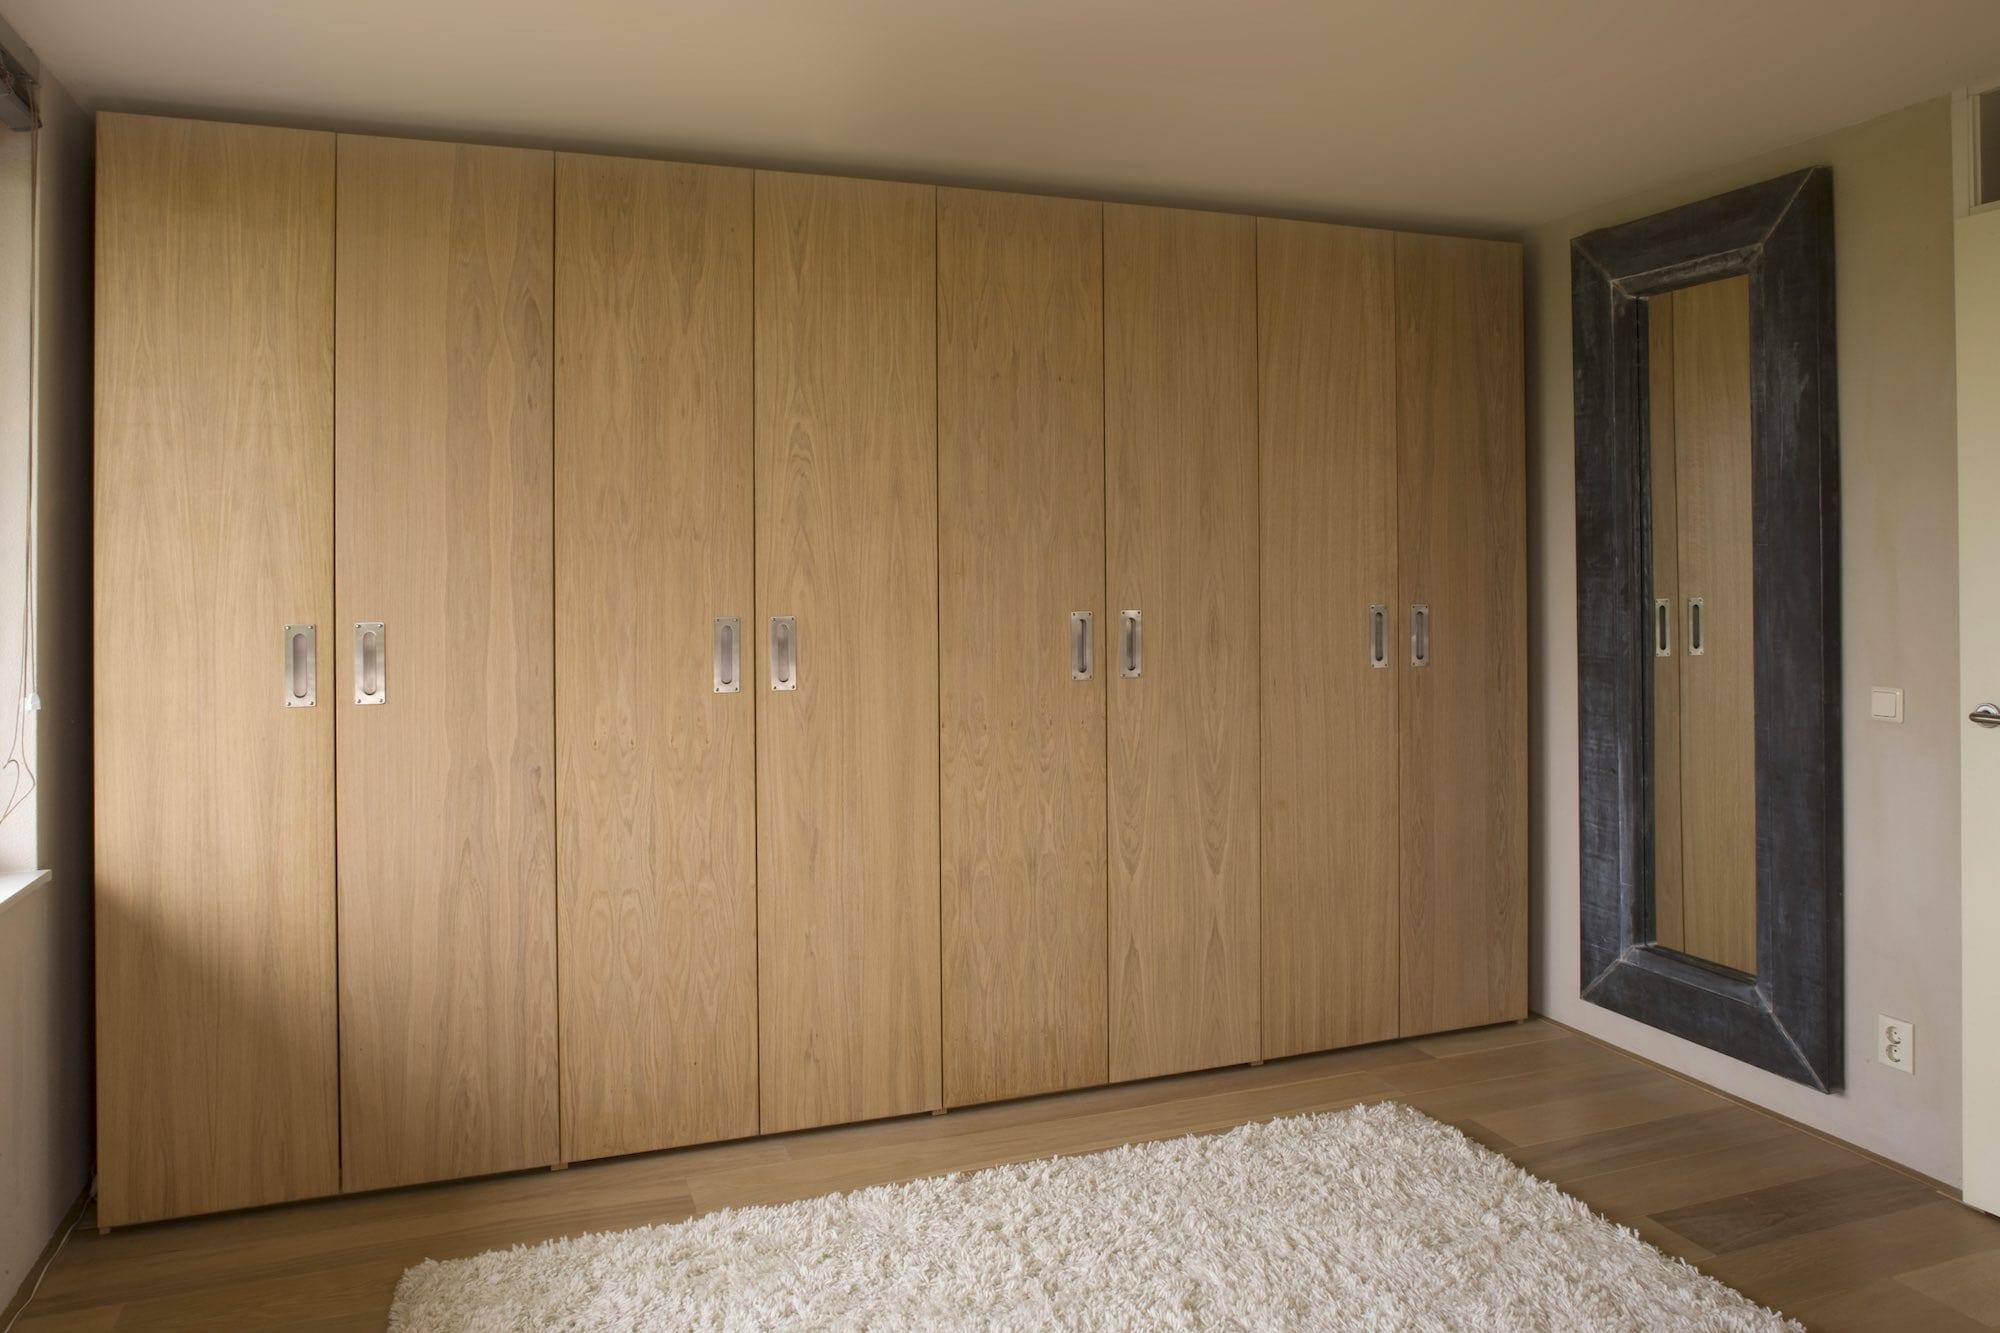 draaideurkast voor de slaapkamer met houten deuren